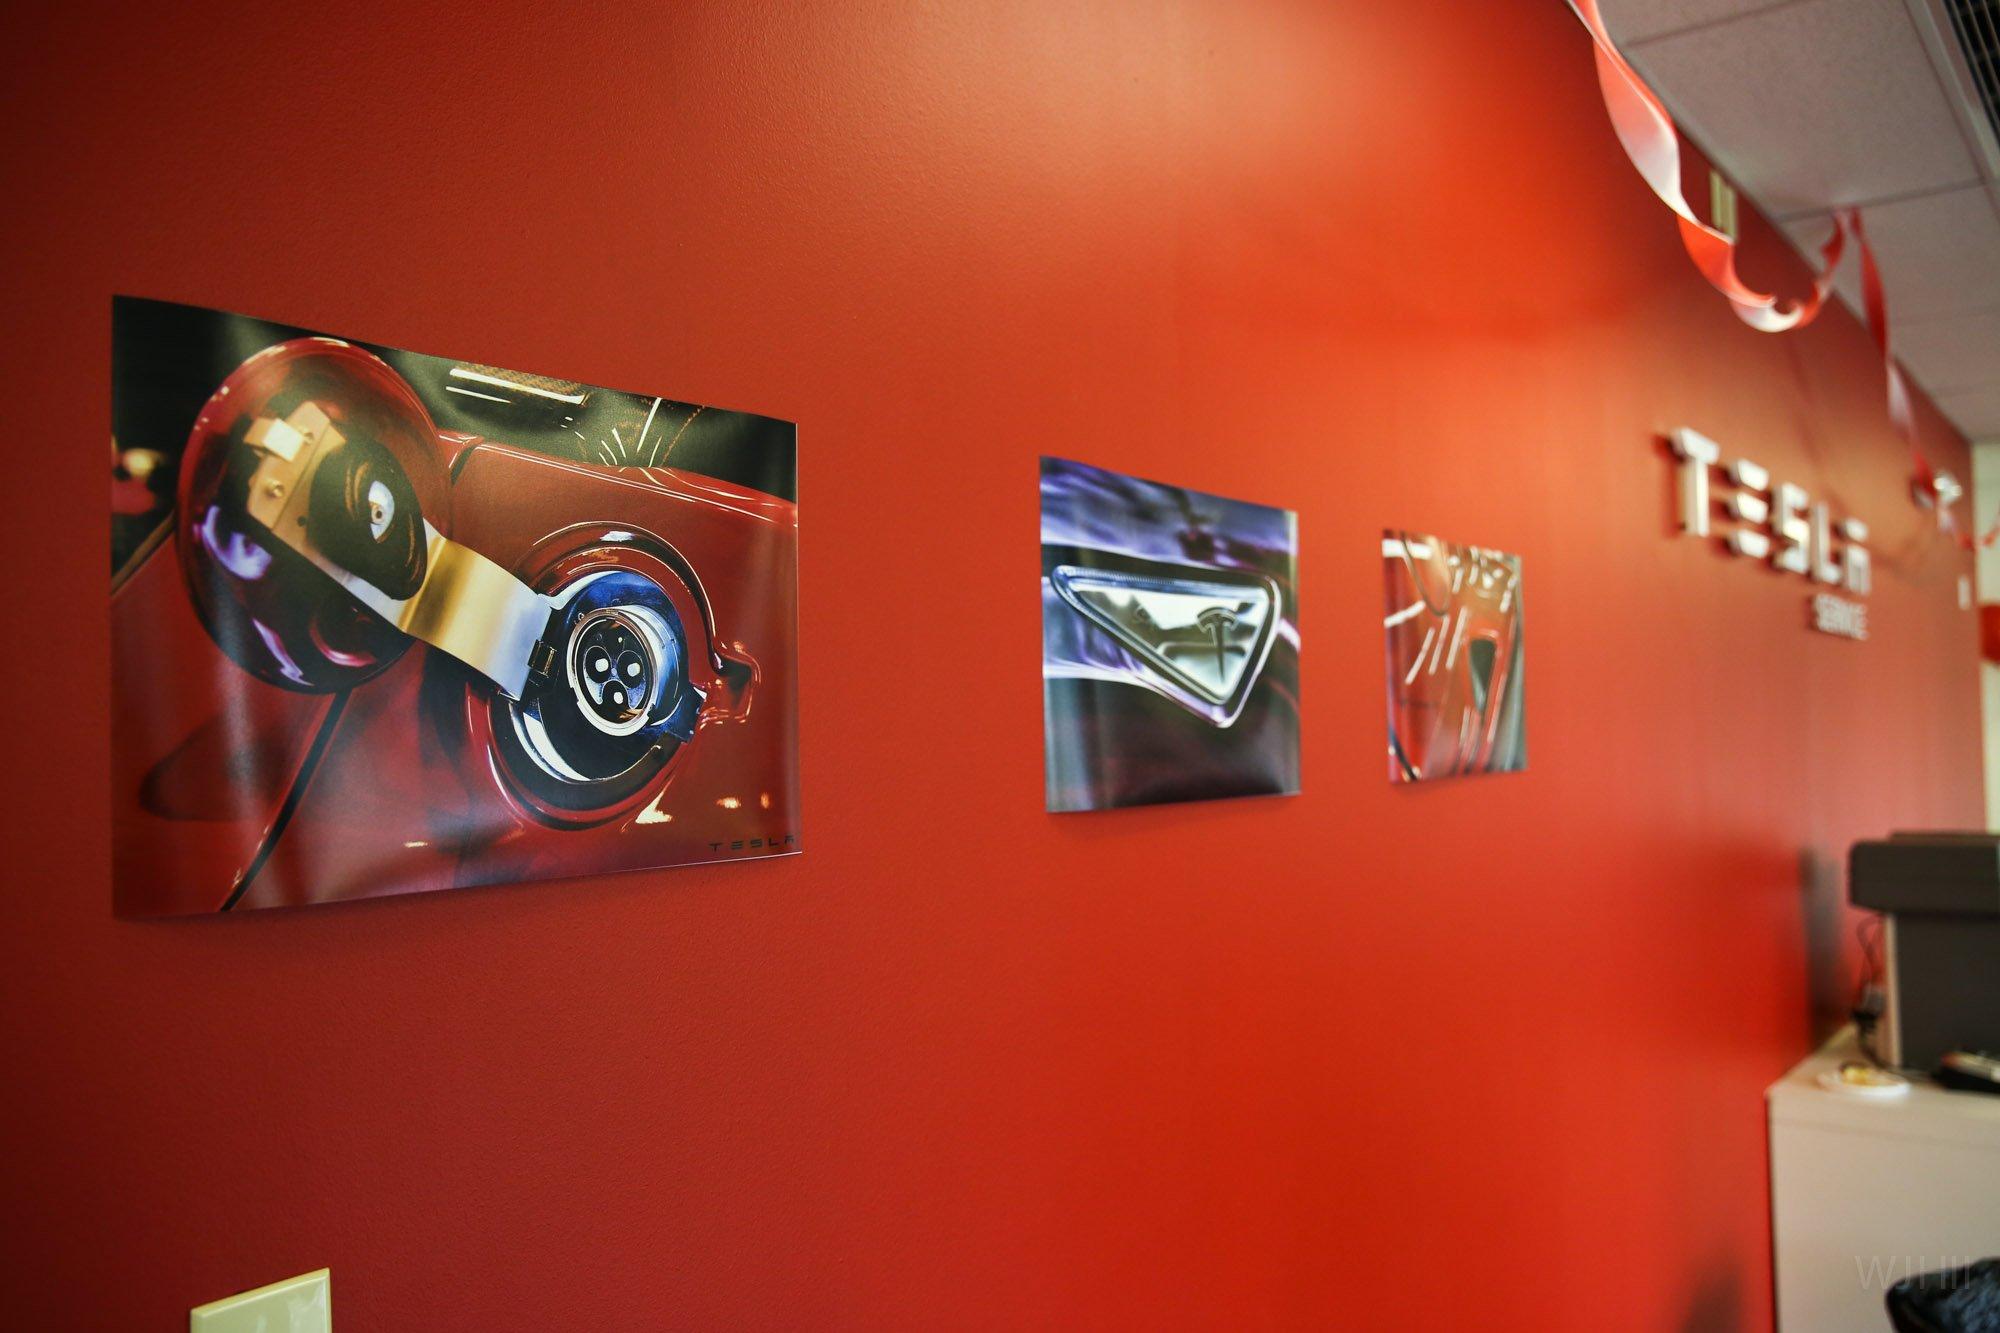 TeslaMotorsClub_Tampa_28APR13_0098.jpg